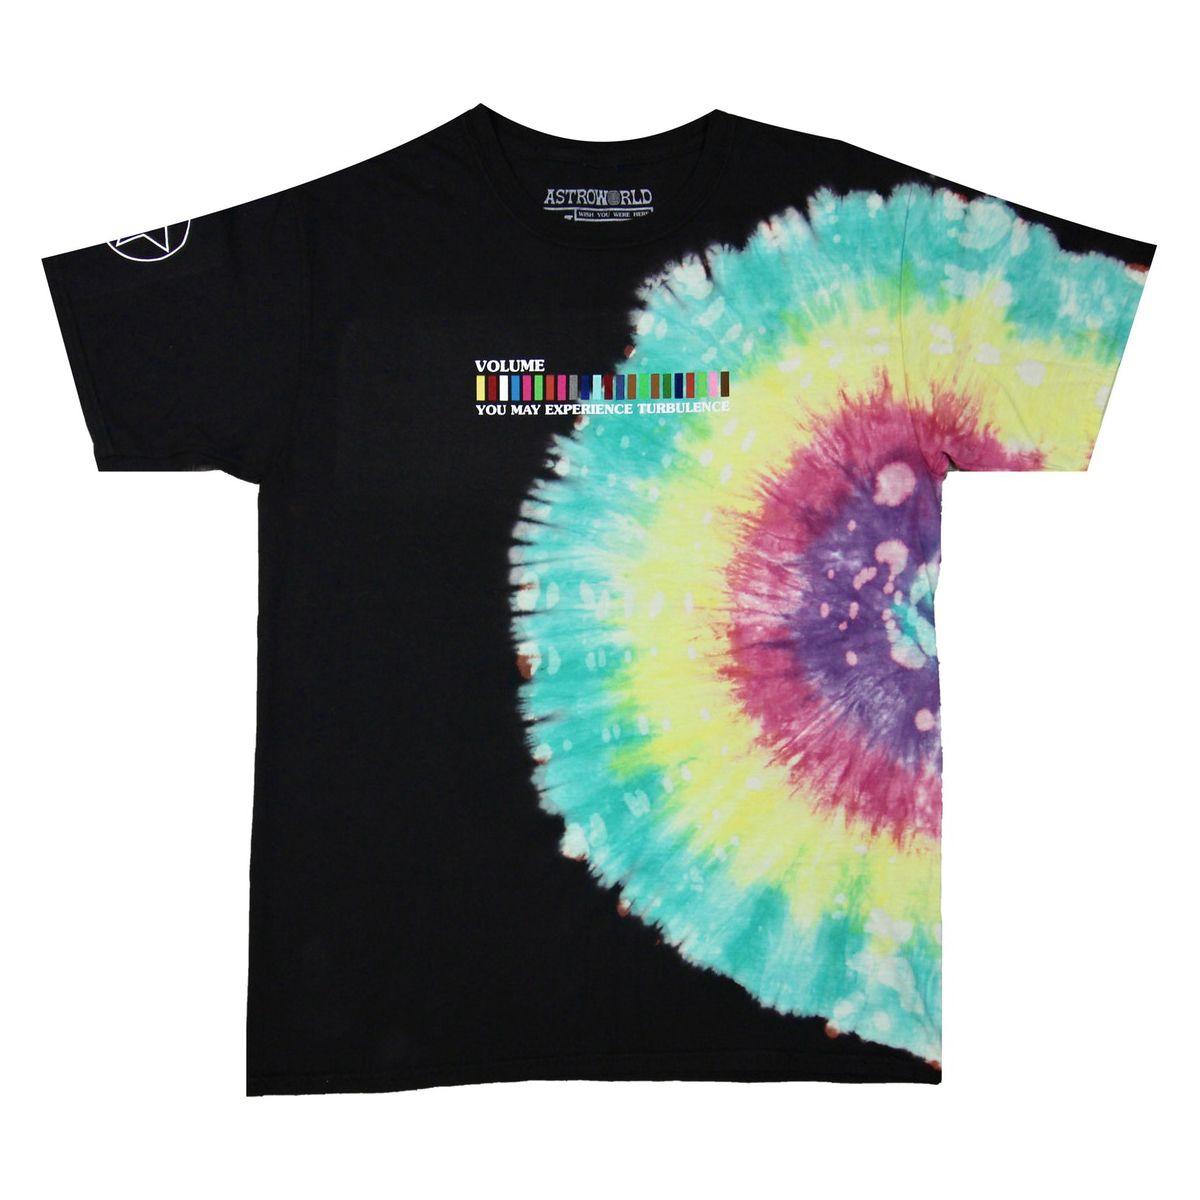 Buy Beyond Belief Shirt Astroworld Merch Tie Dye Travis Scott Clothing Travis Scott [ 1200 x 1200 Pixel ]